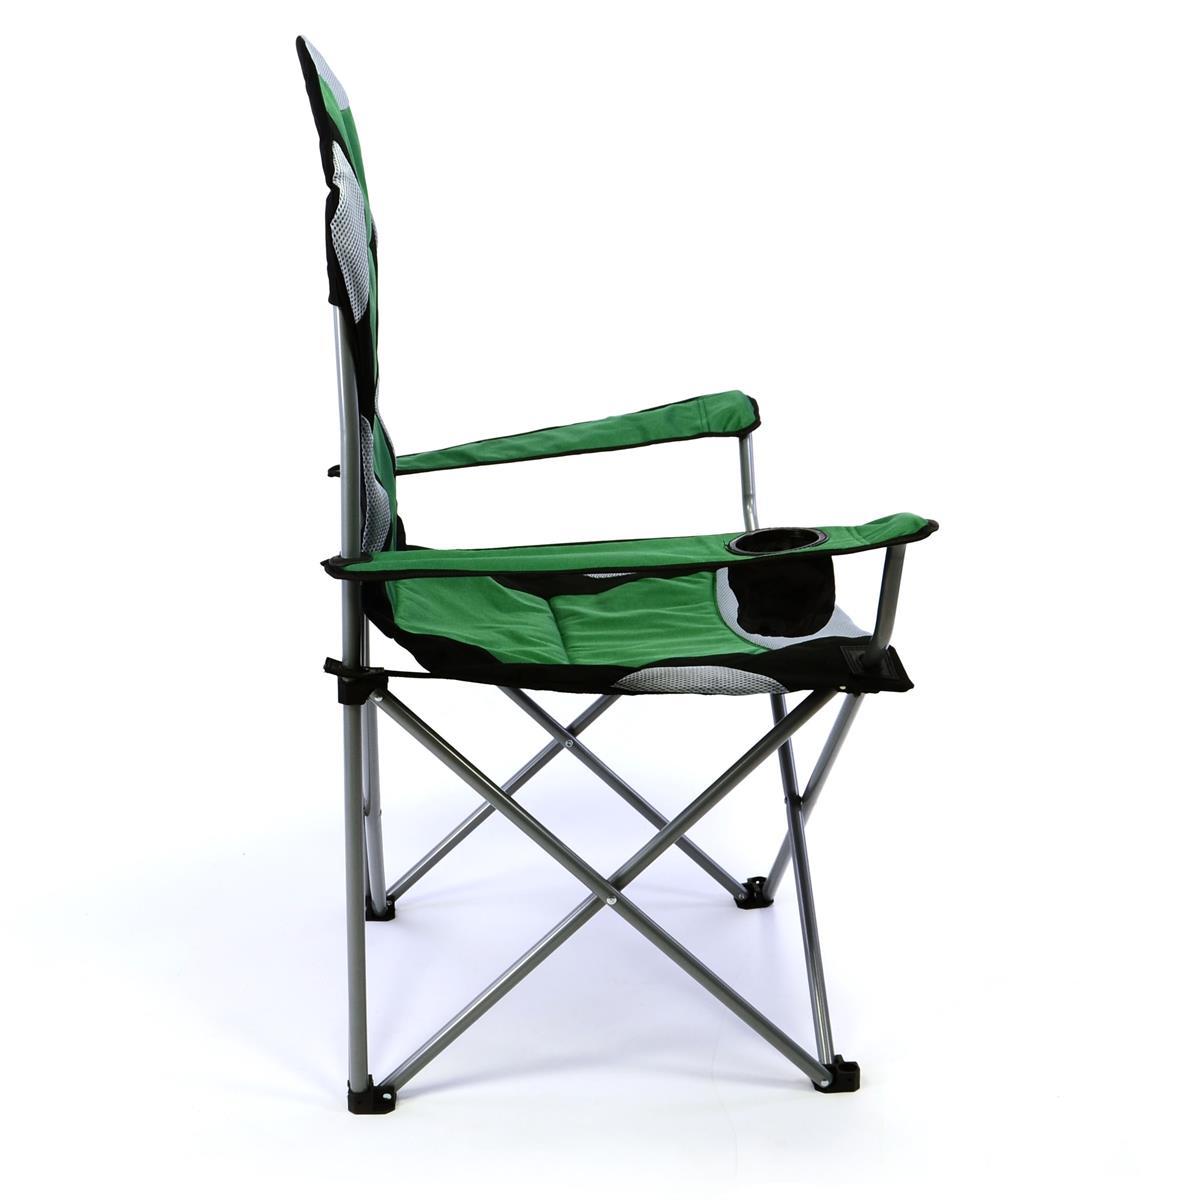 Divero Deluxe Campingstuhl grün schwarz Faltstuhl Angelstuhl gepolstert Tasche